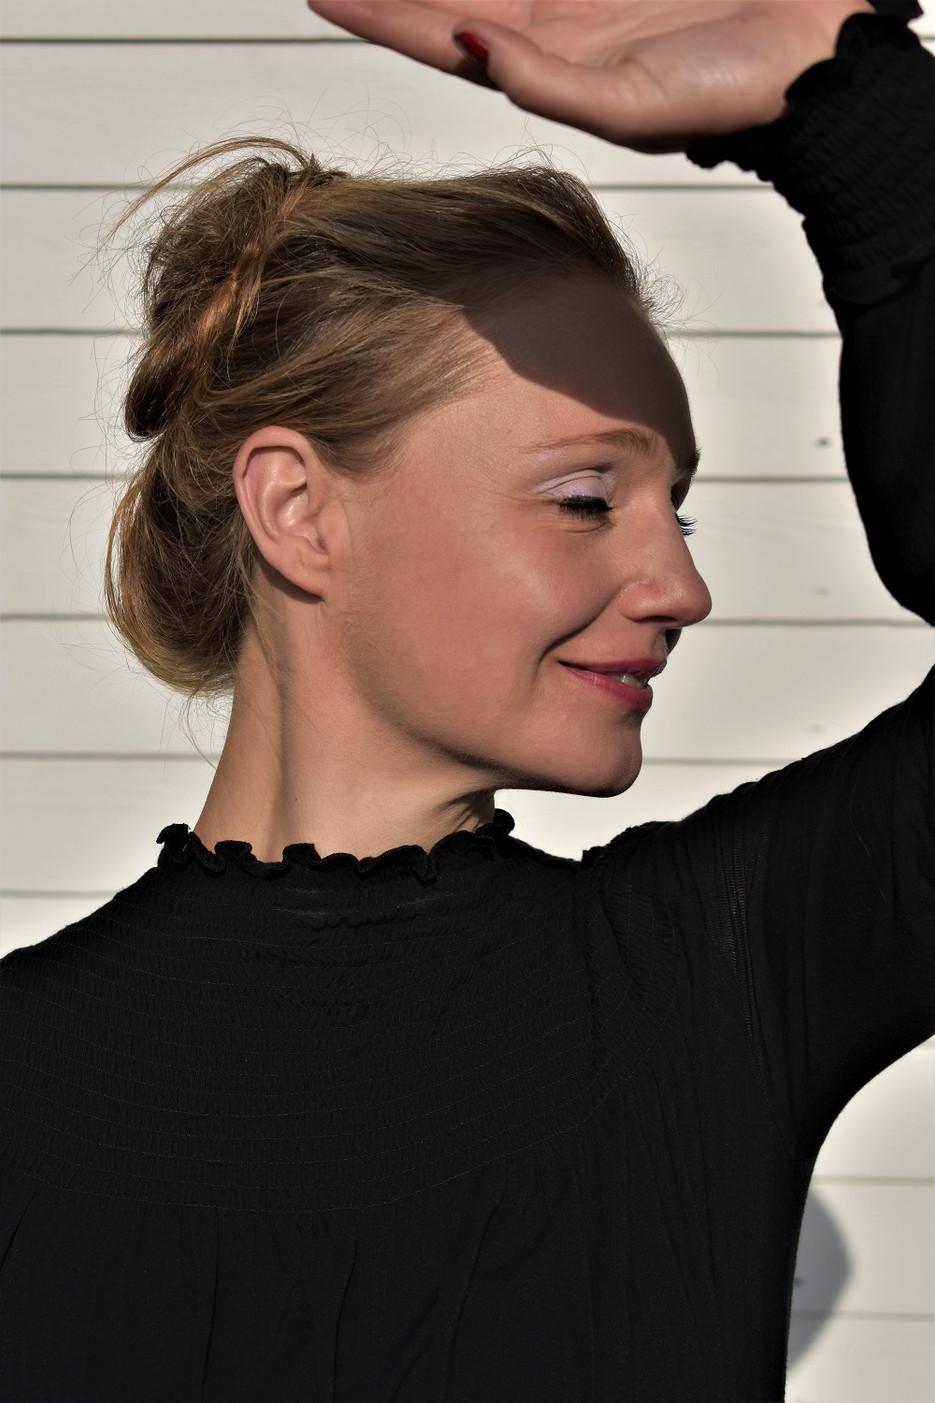 Mira Noltenius - Okt. 2020 - Photo bySaabye